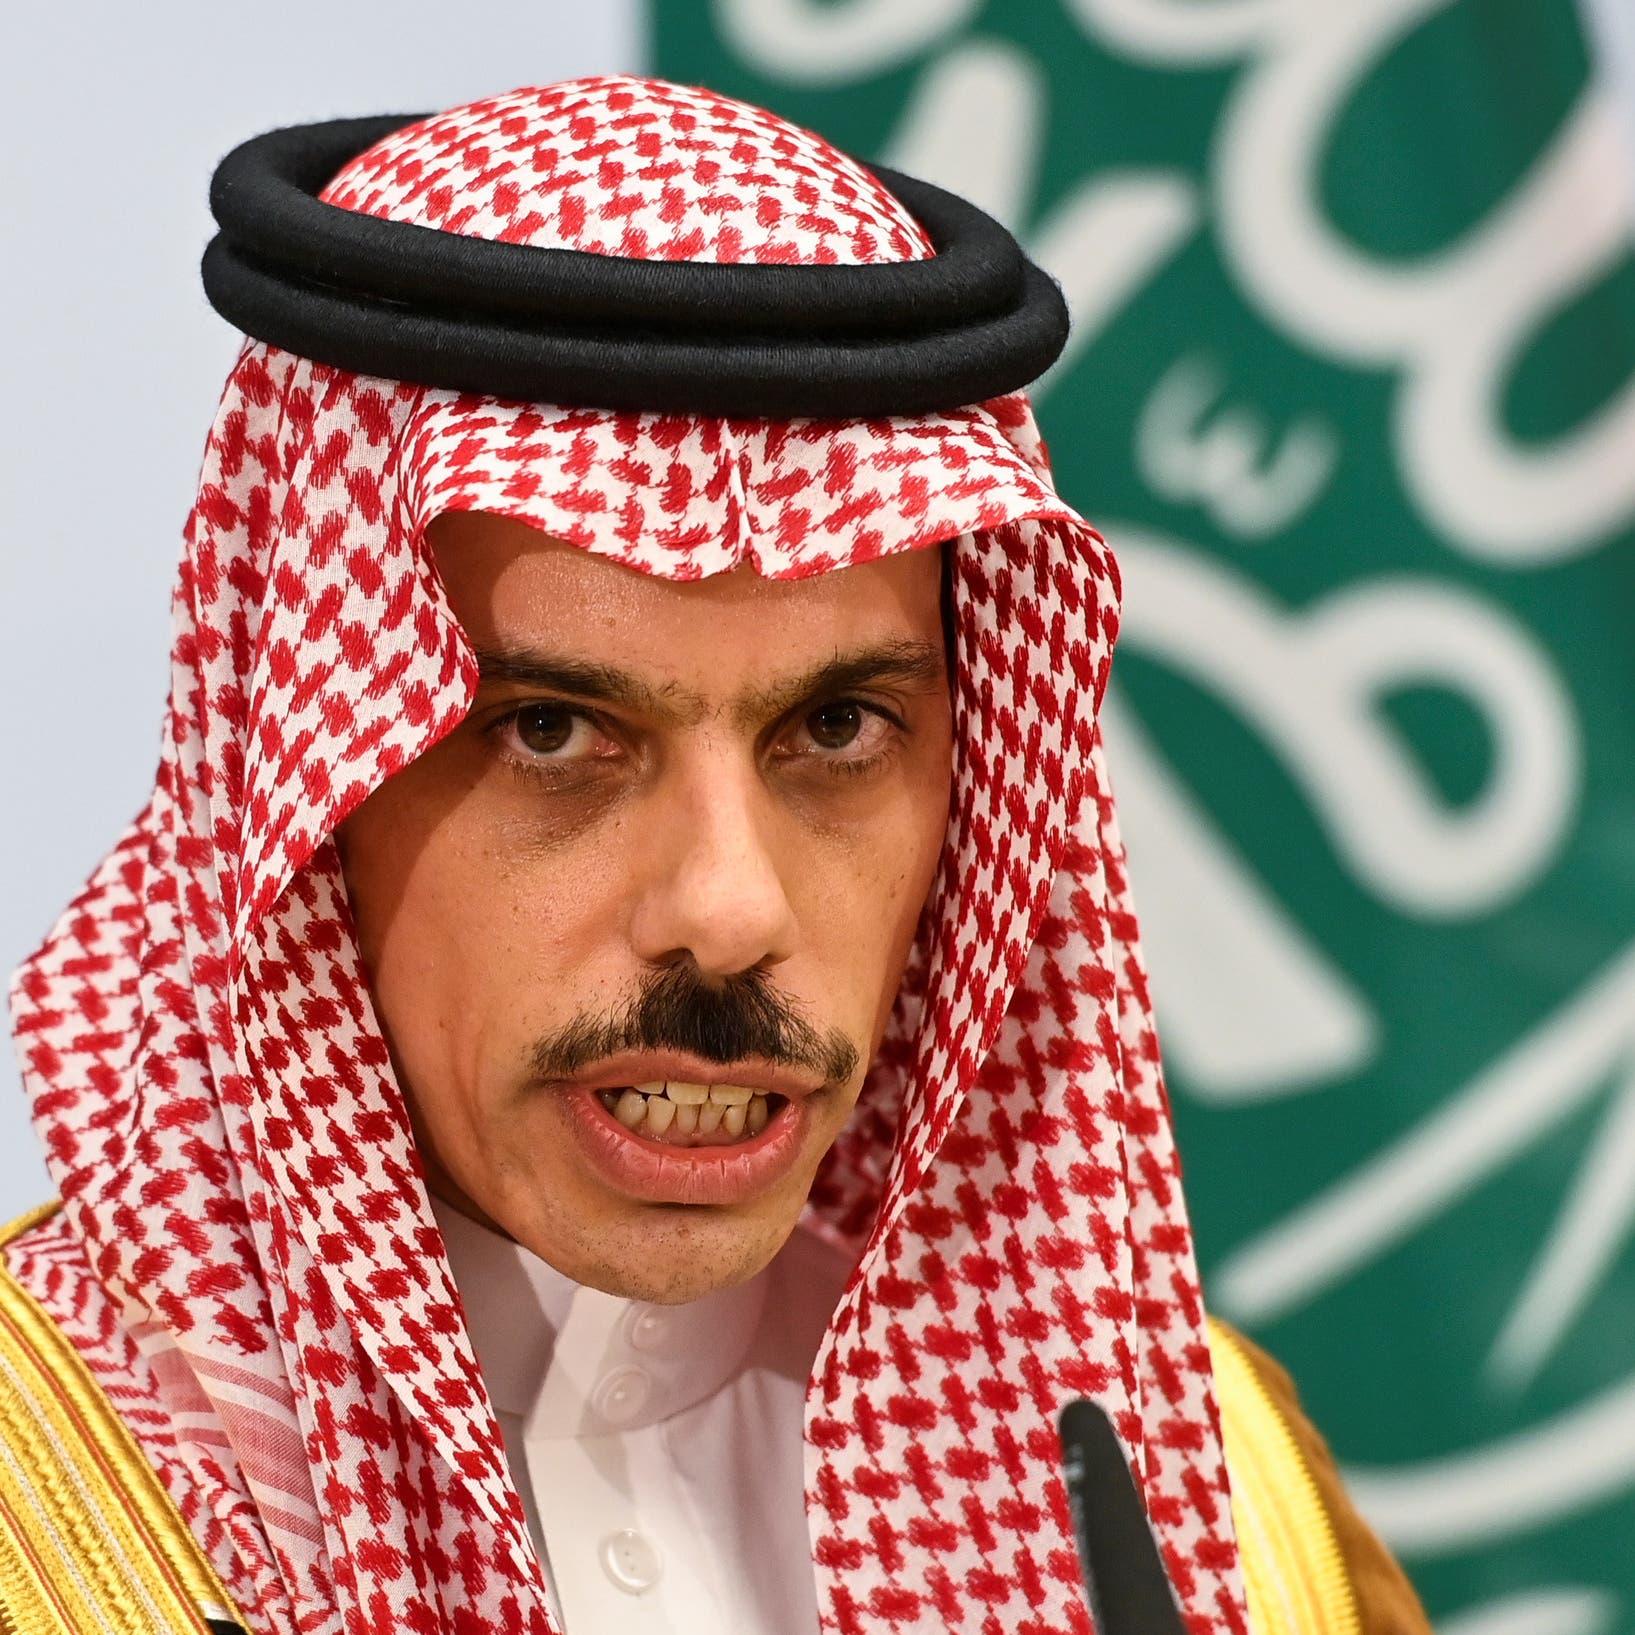 وزير خارجية السعودية: نرفض أي محاولة لربط الإسلام بالإرهاب